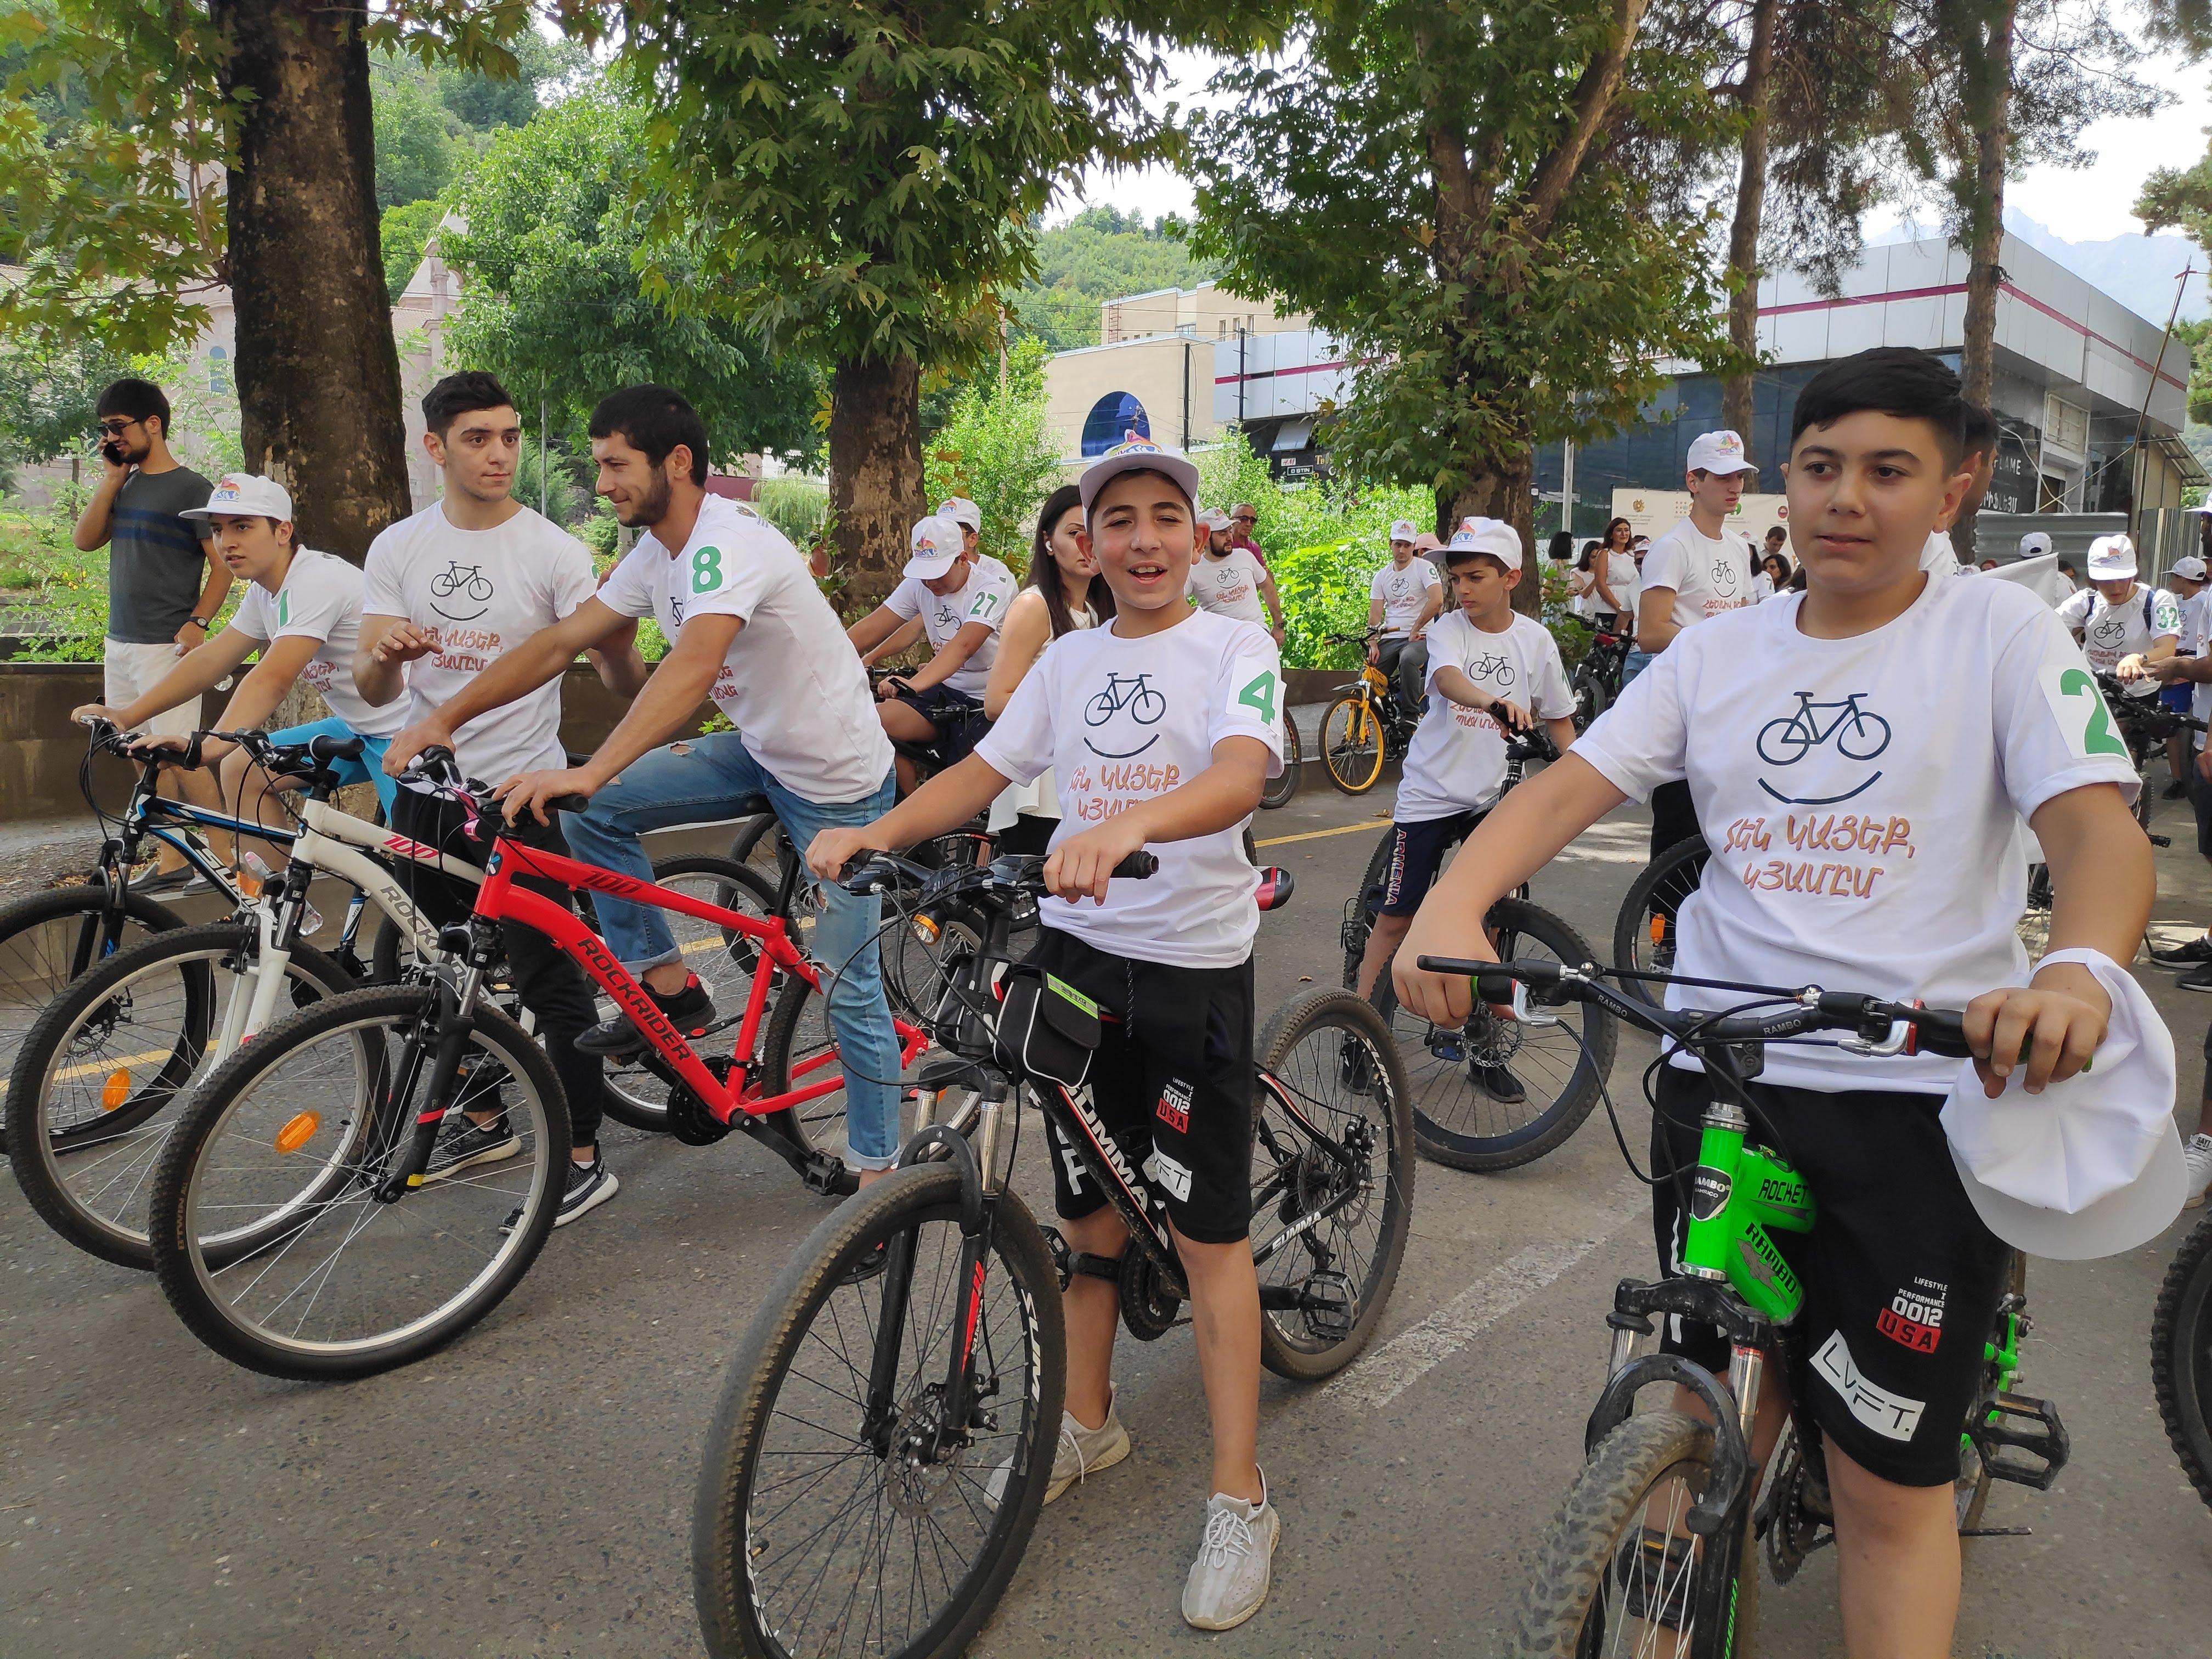 Boys getting ready for the Healthy Bike Run.